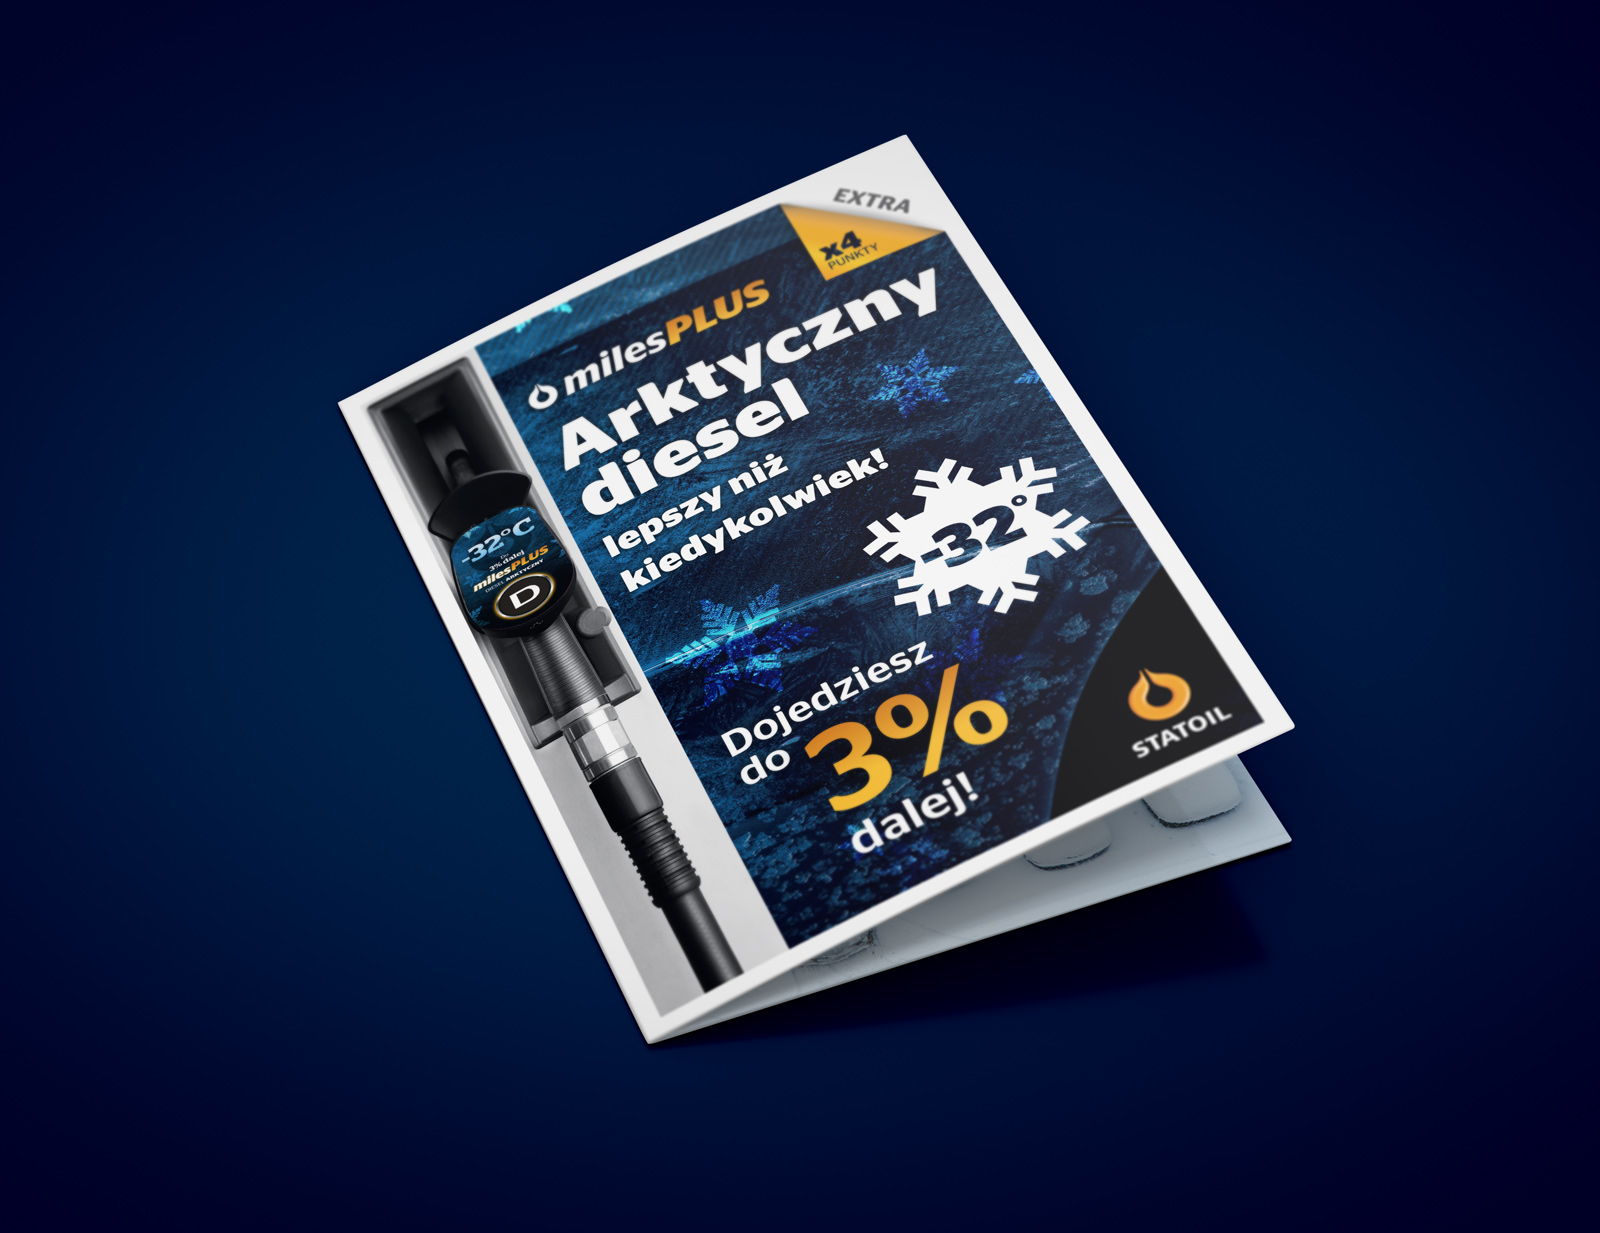 Ulotka 'Arktyczny diesel' - Statoil